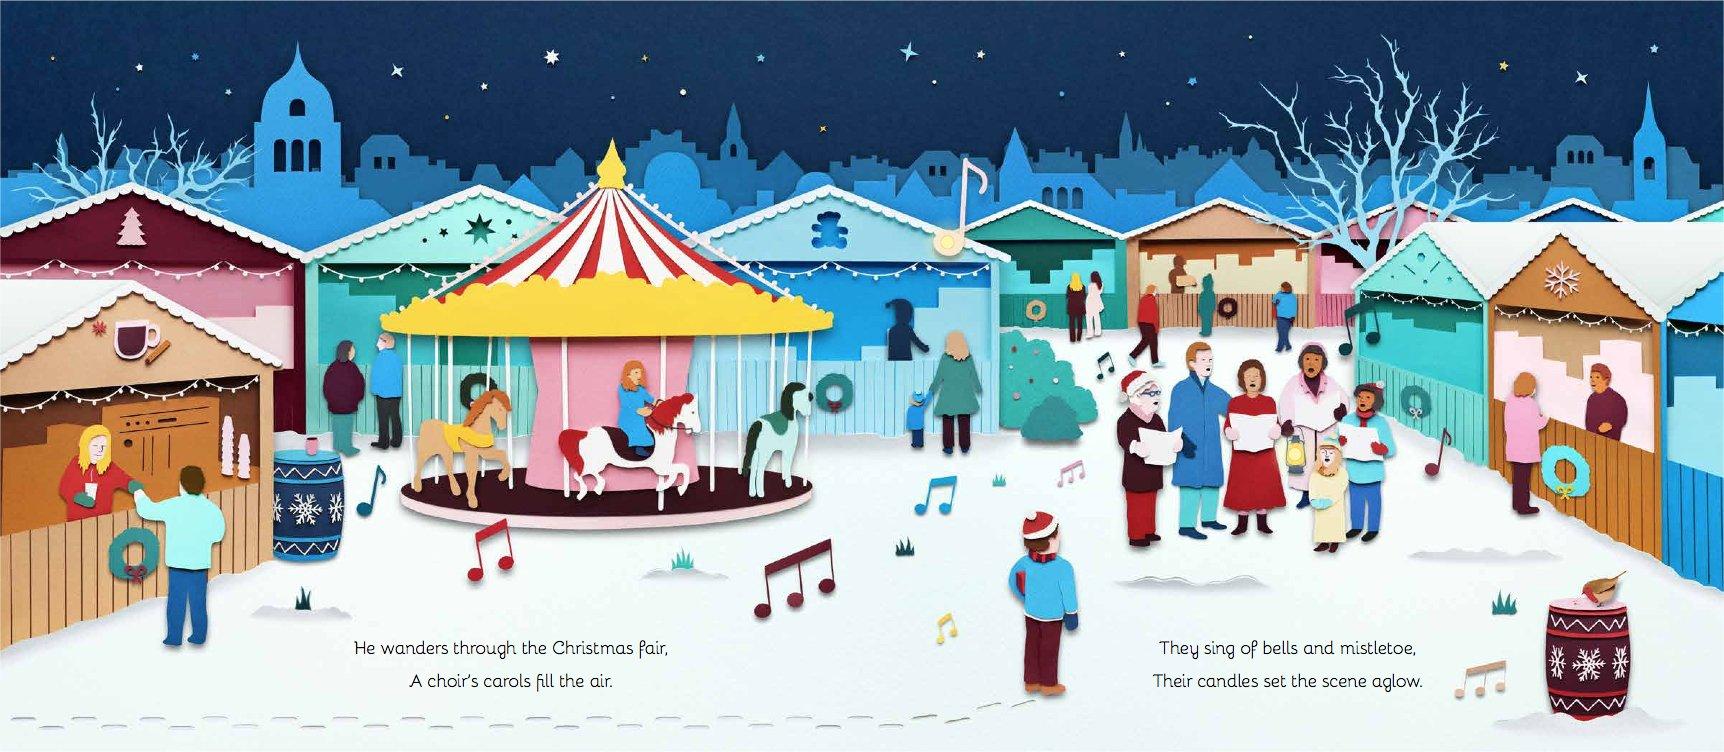 amazon com let it glow a winter u0027s walk 9781786030306 owen